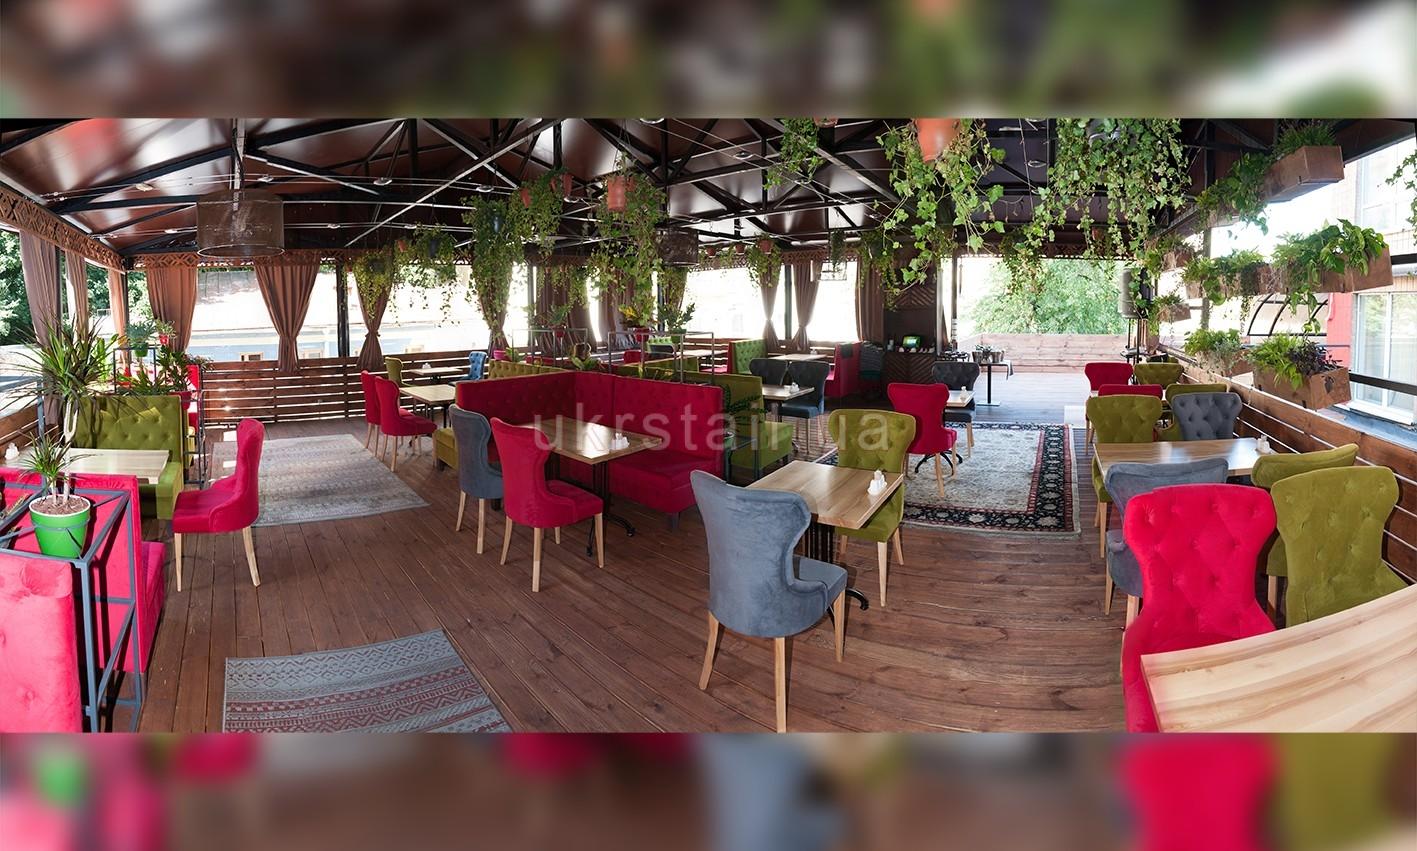 Интерьер ресторана Suluguni в Музейном переулке 04